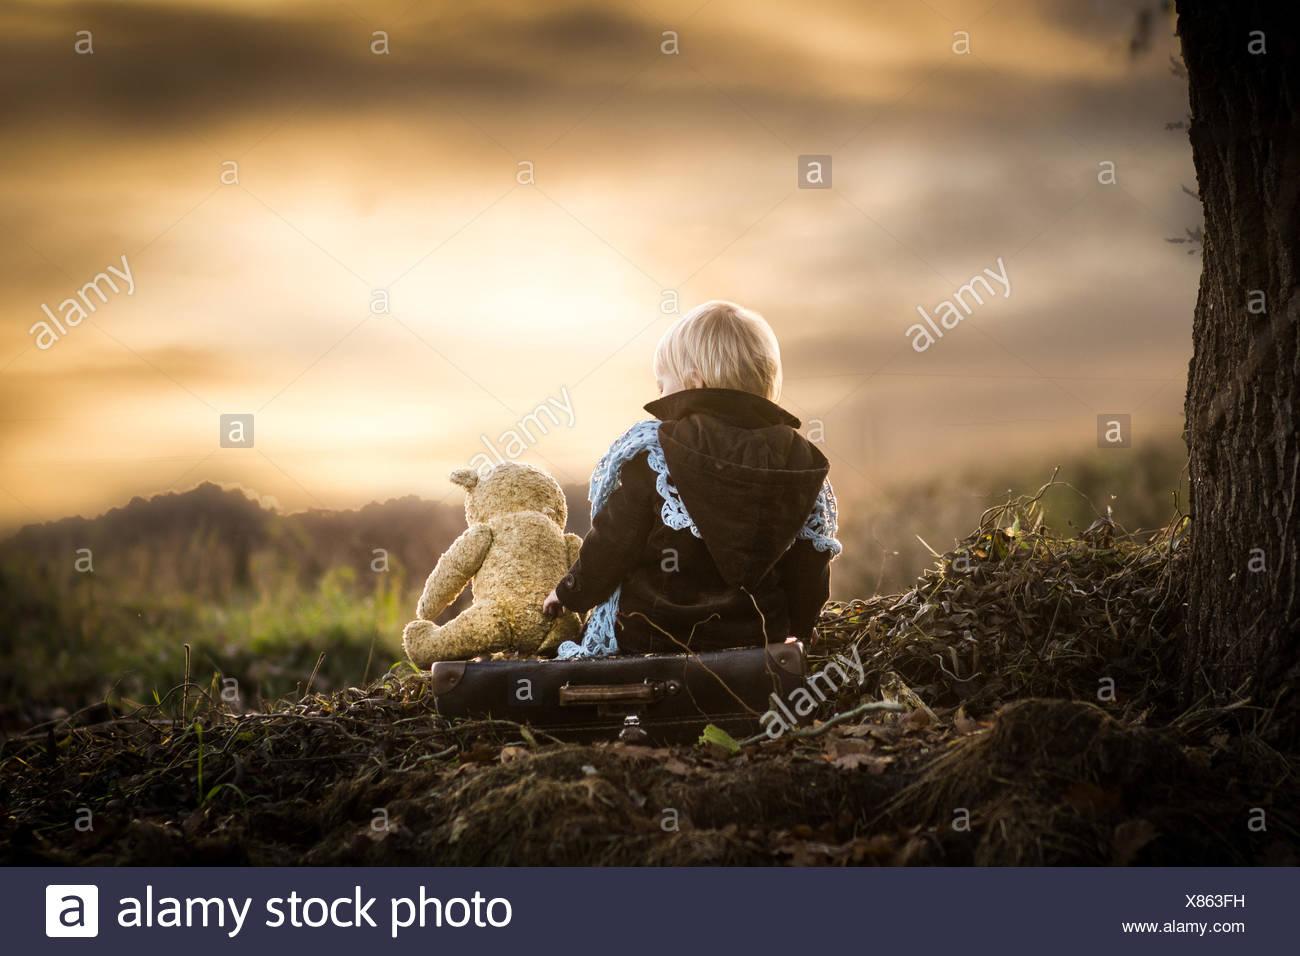 Polen, Rückansicht der Junge sitzt auf Baumwurzeln mit Teddybär Stockbild